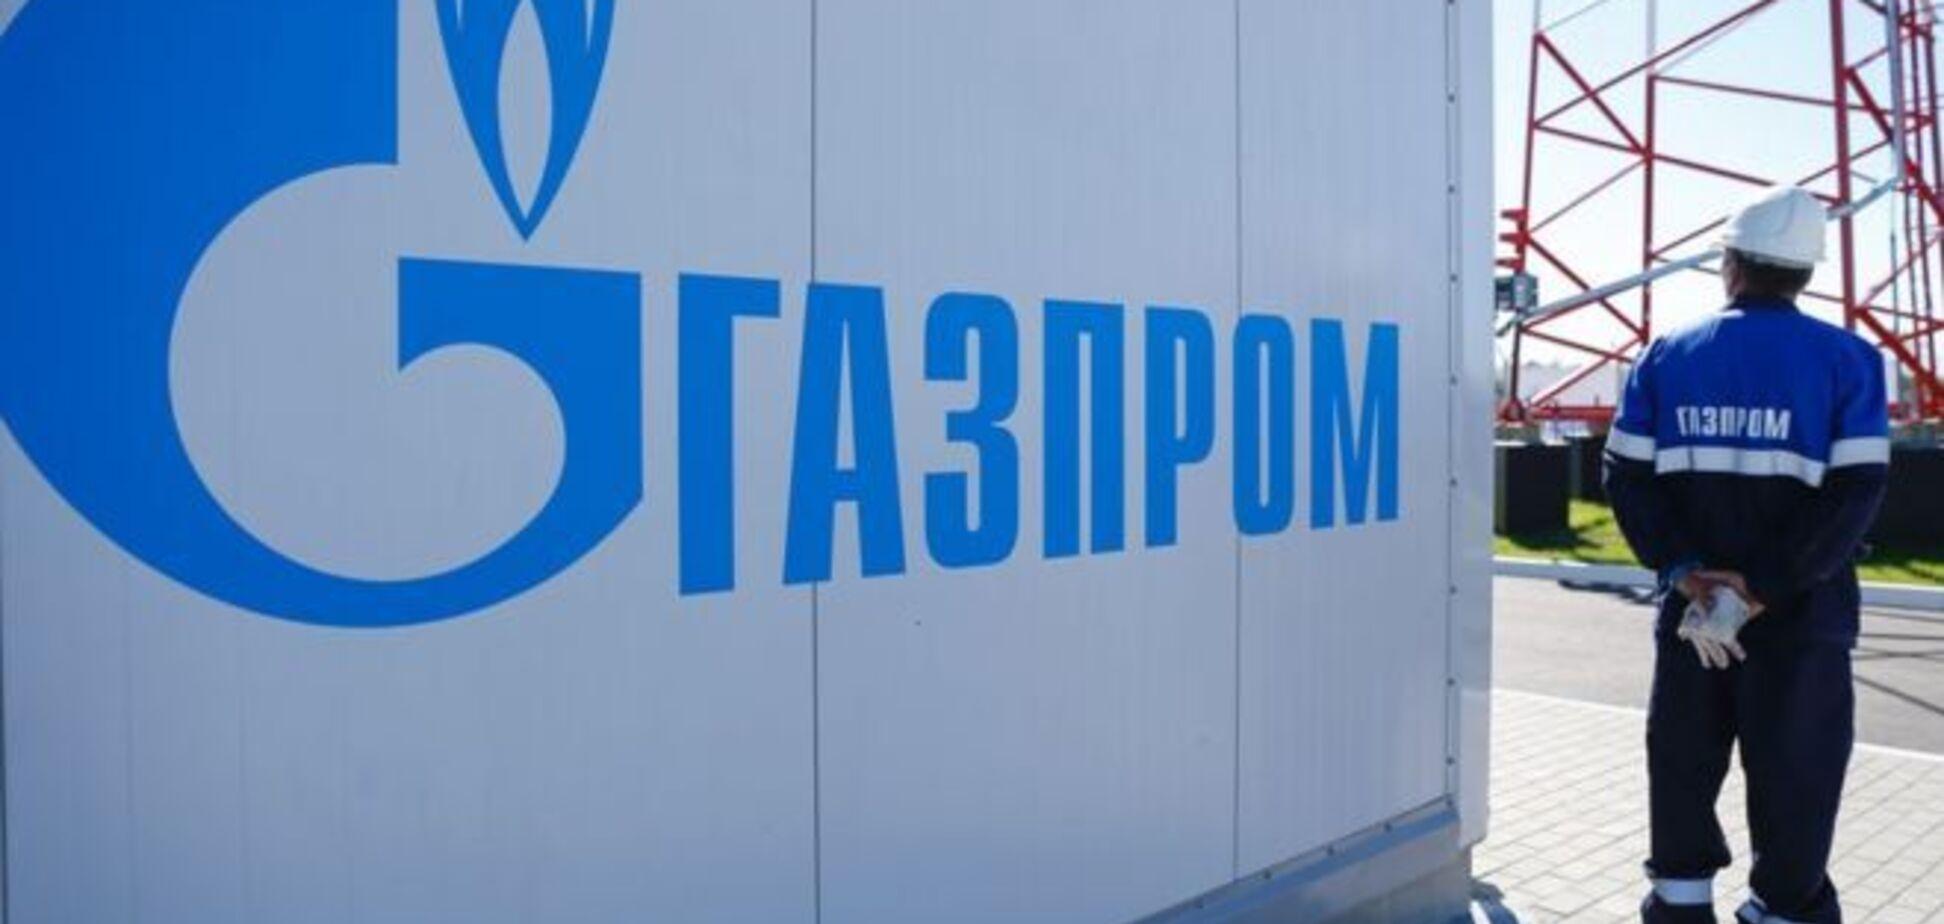 Этой зимой 'Газпром' ждет катастрофа